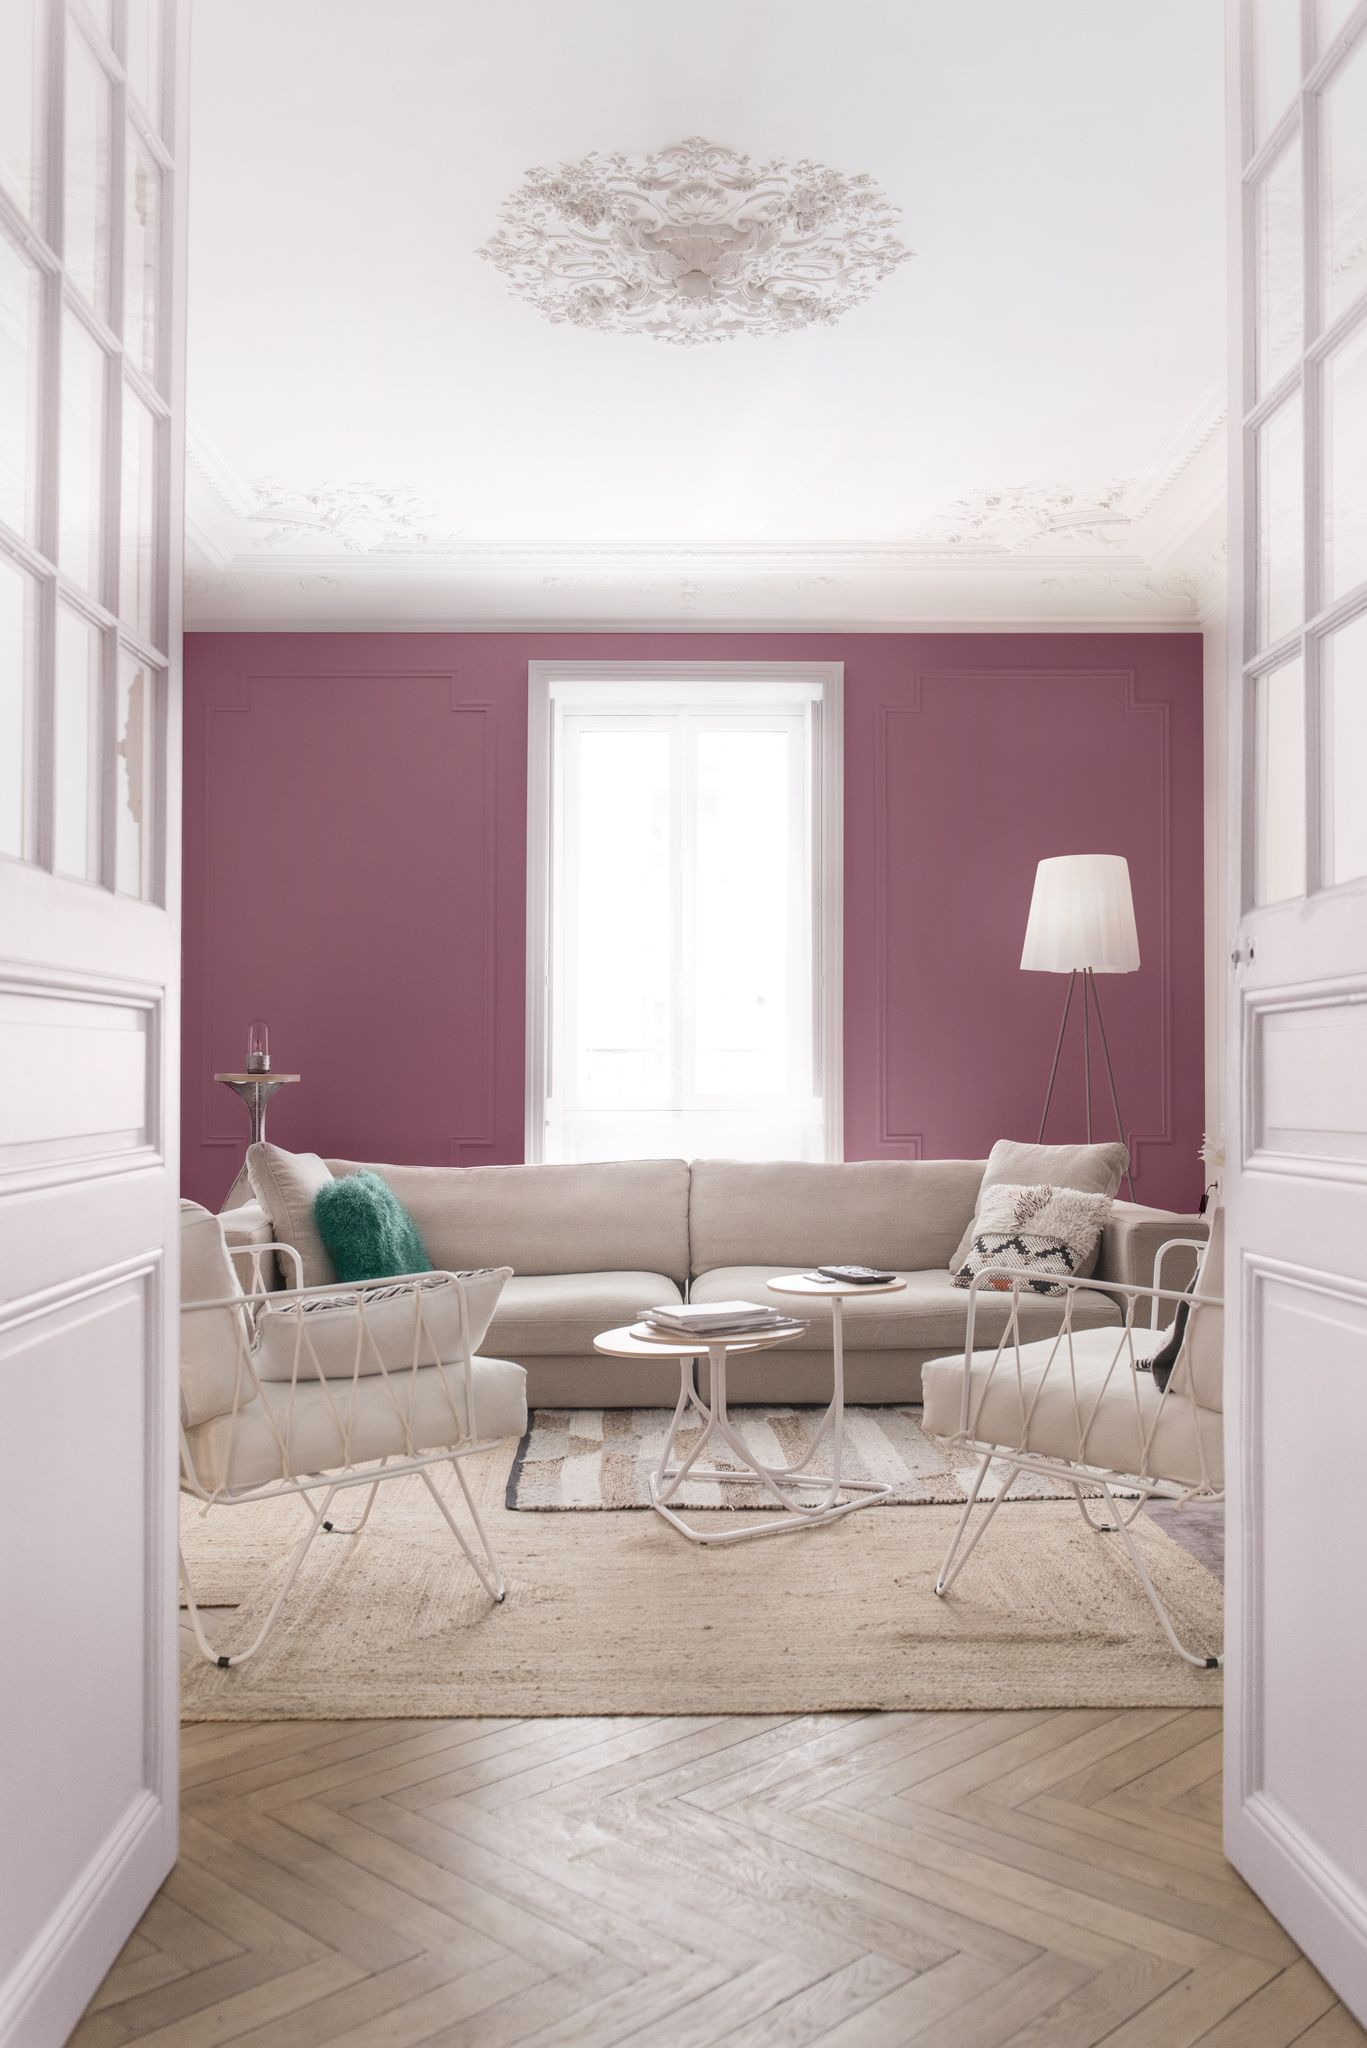 Peinture maison 20 couleurs tendance pour peindre son salon for Peinture interieur salon